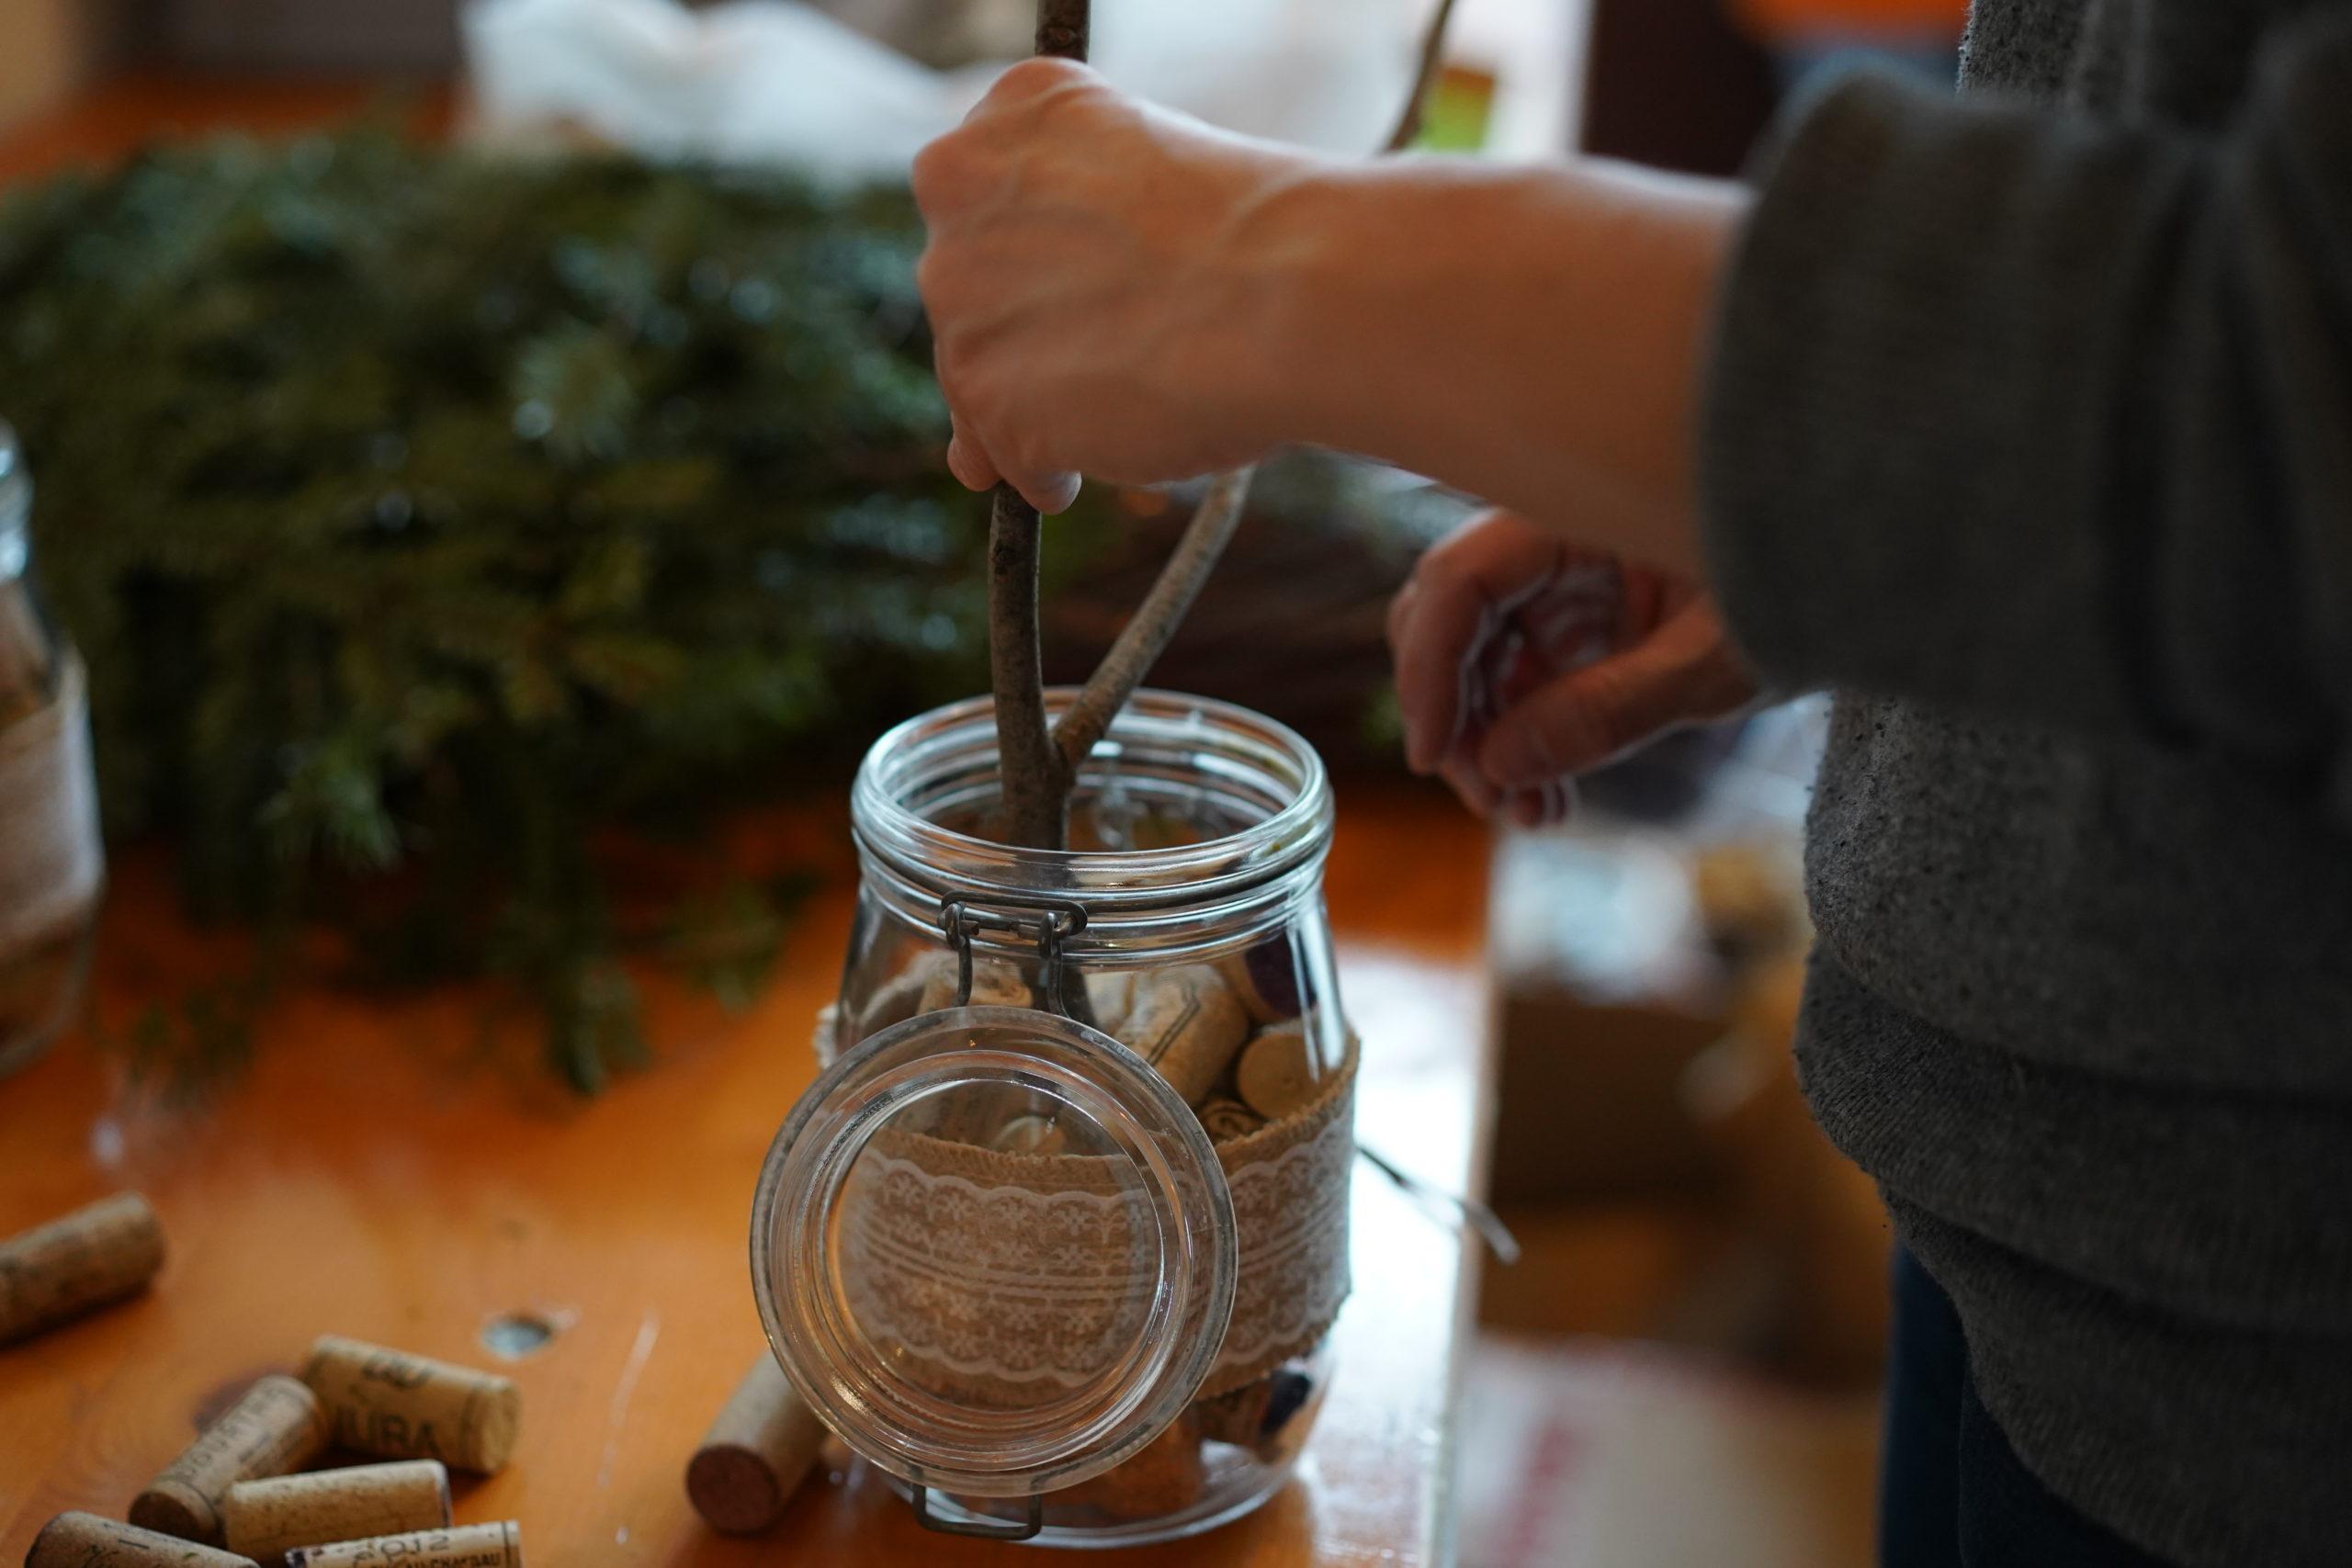 Madame Pepperpote est en train de fabriquer son propre vinaigra de cidre